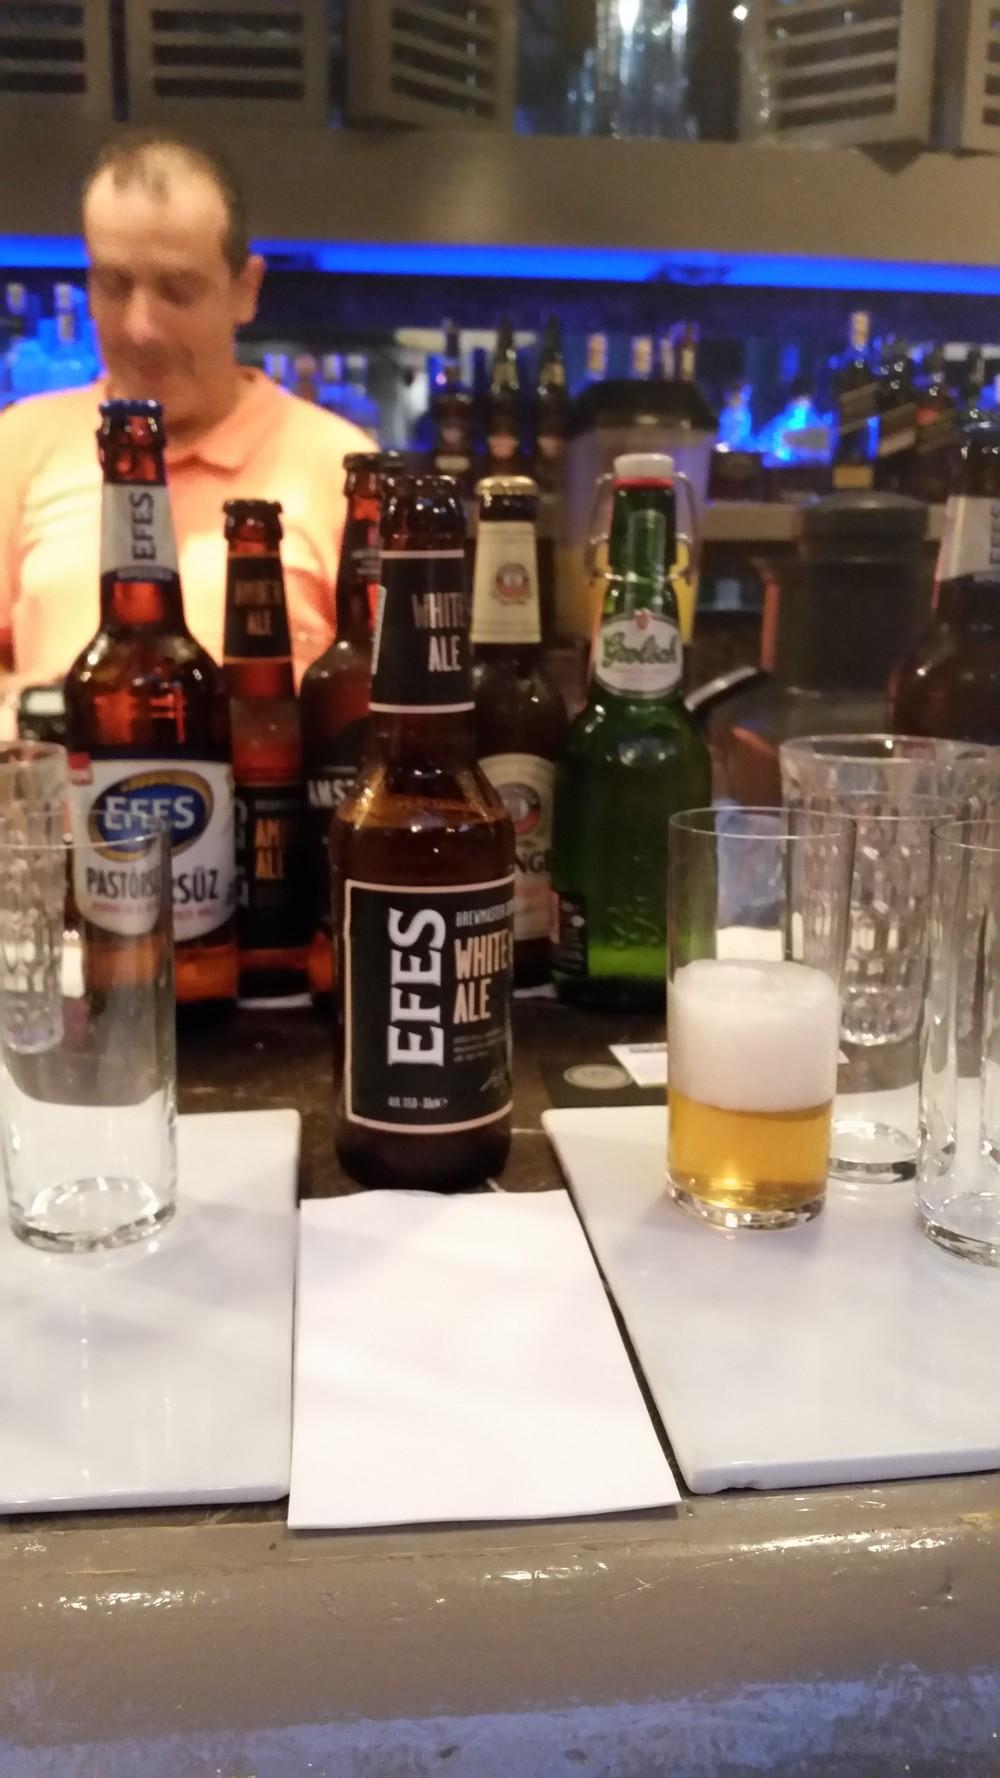 Efes White Ale